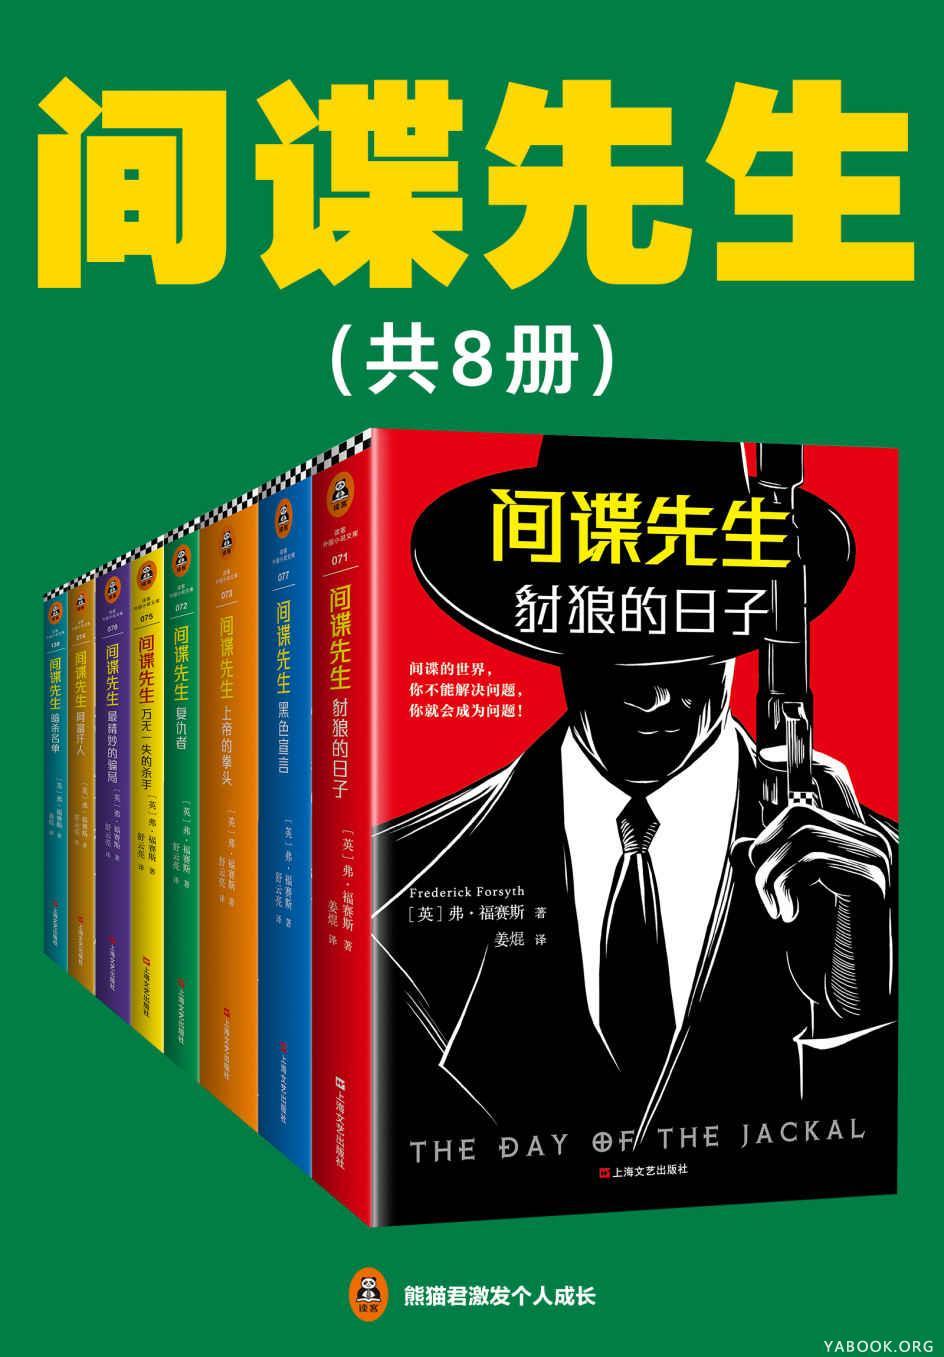 《间谍先生系列》(读客熊猫君出品,套装共8册。惊动世界四大情报组织的间谍小说大师福赛斯!)弗·福赛斯 (Frederick Forsyth)【文字版_PDF电子书_下载】